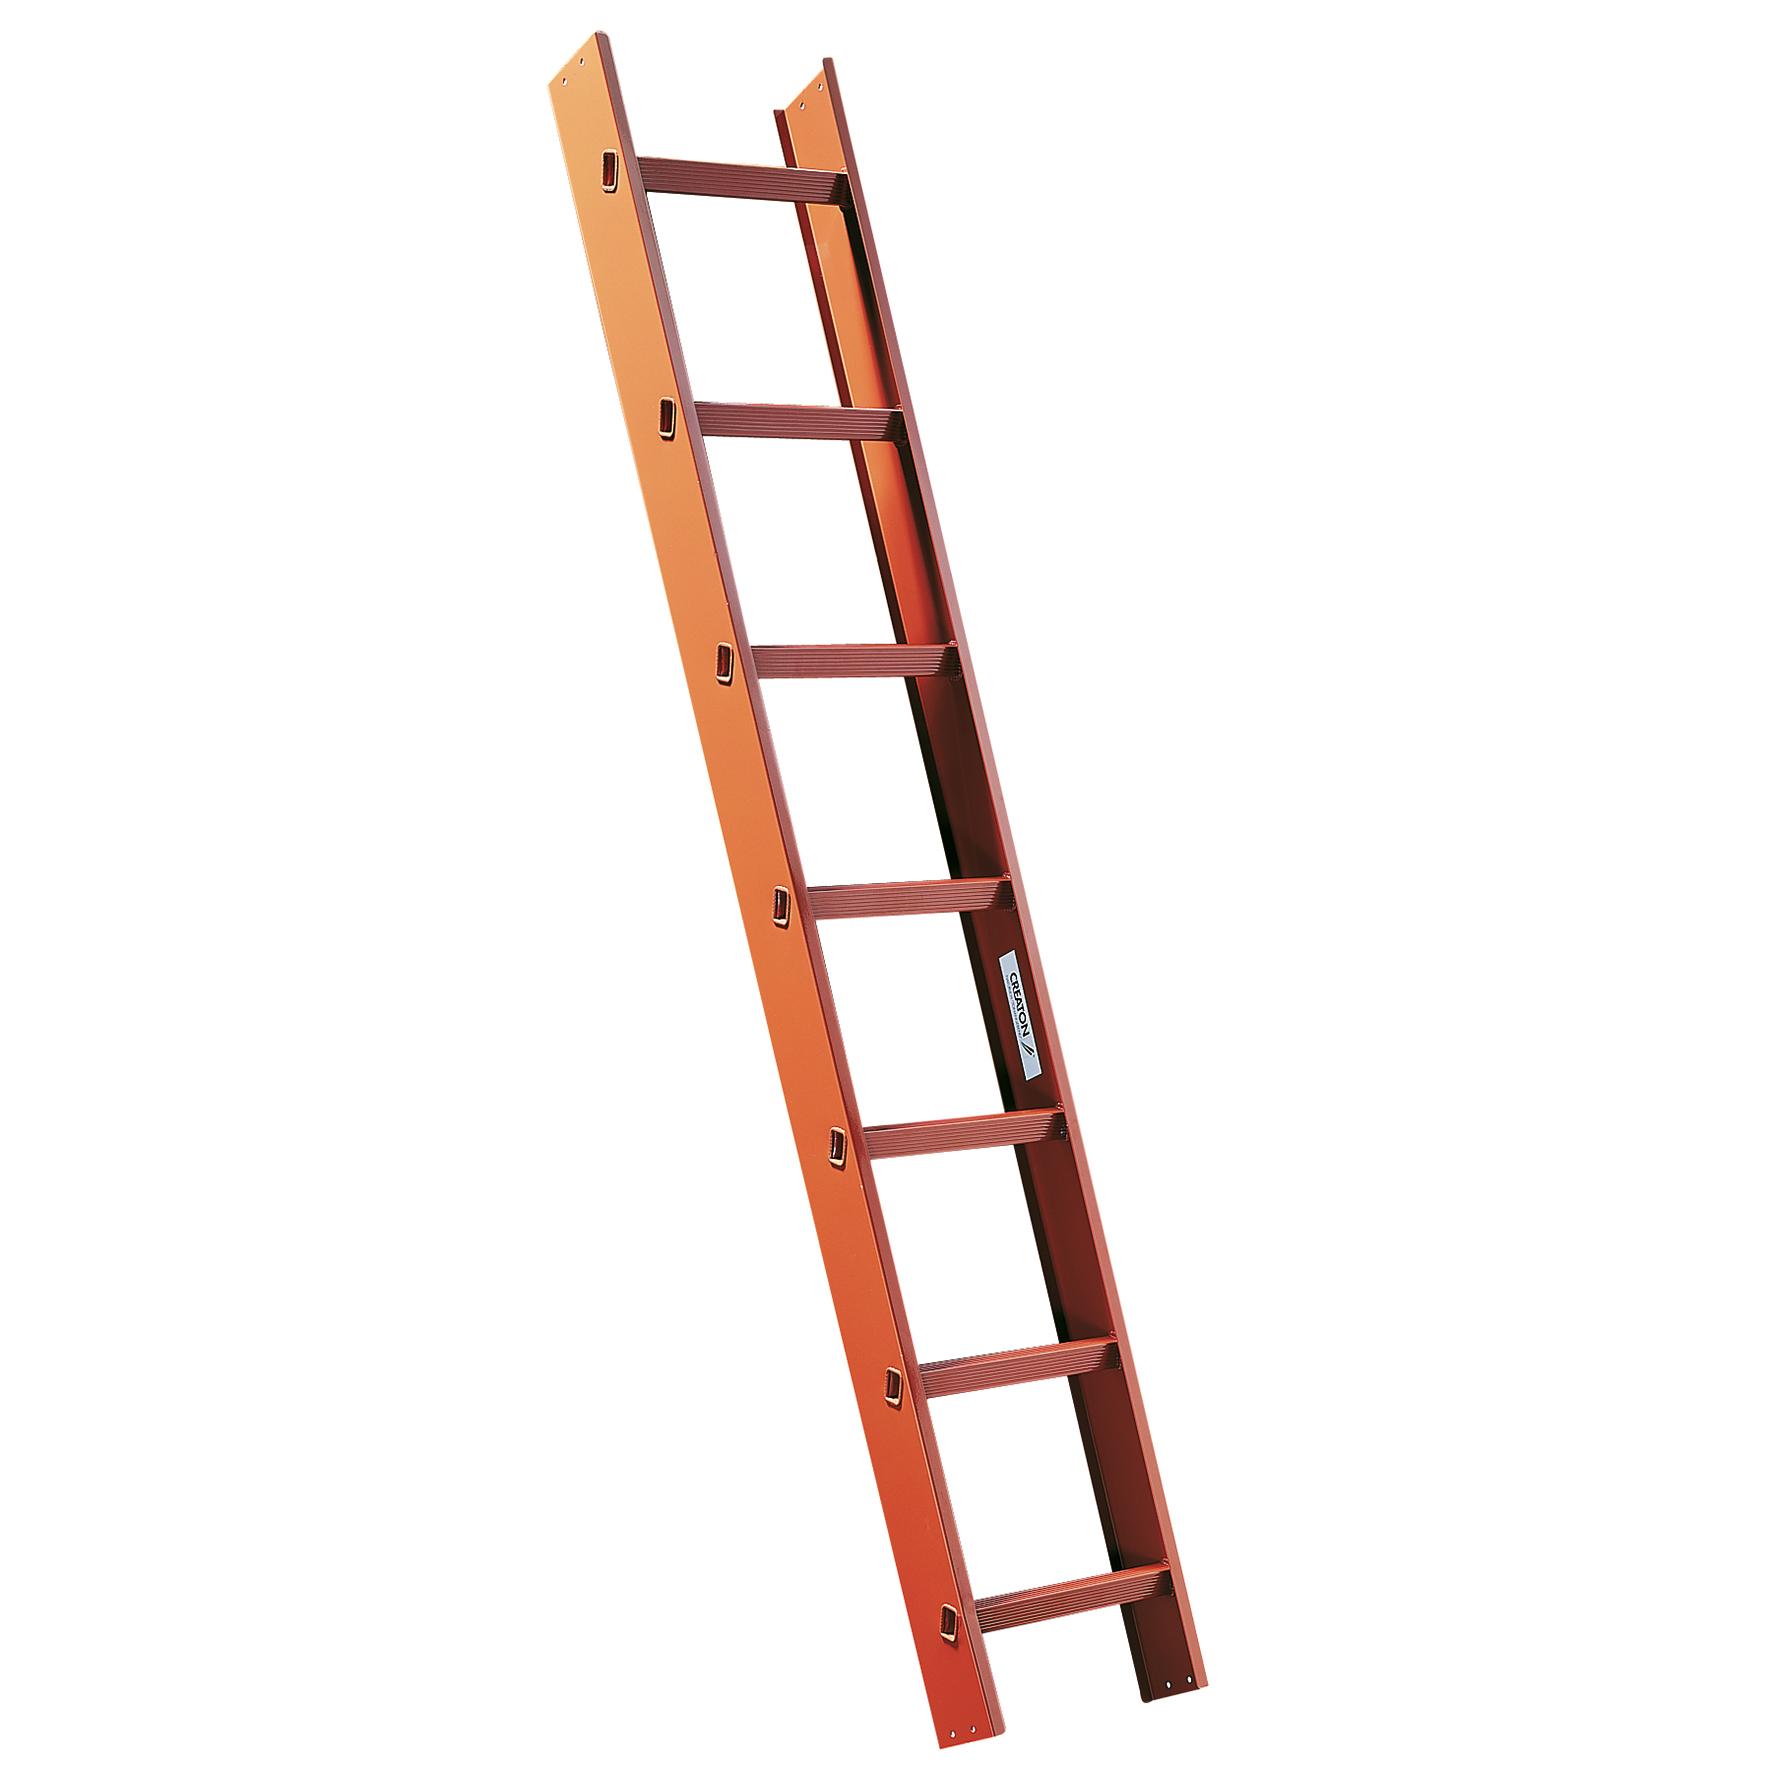 Hliníkový rebrík s dĺžkou 168 cm so spojkami